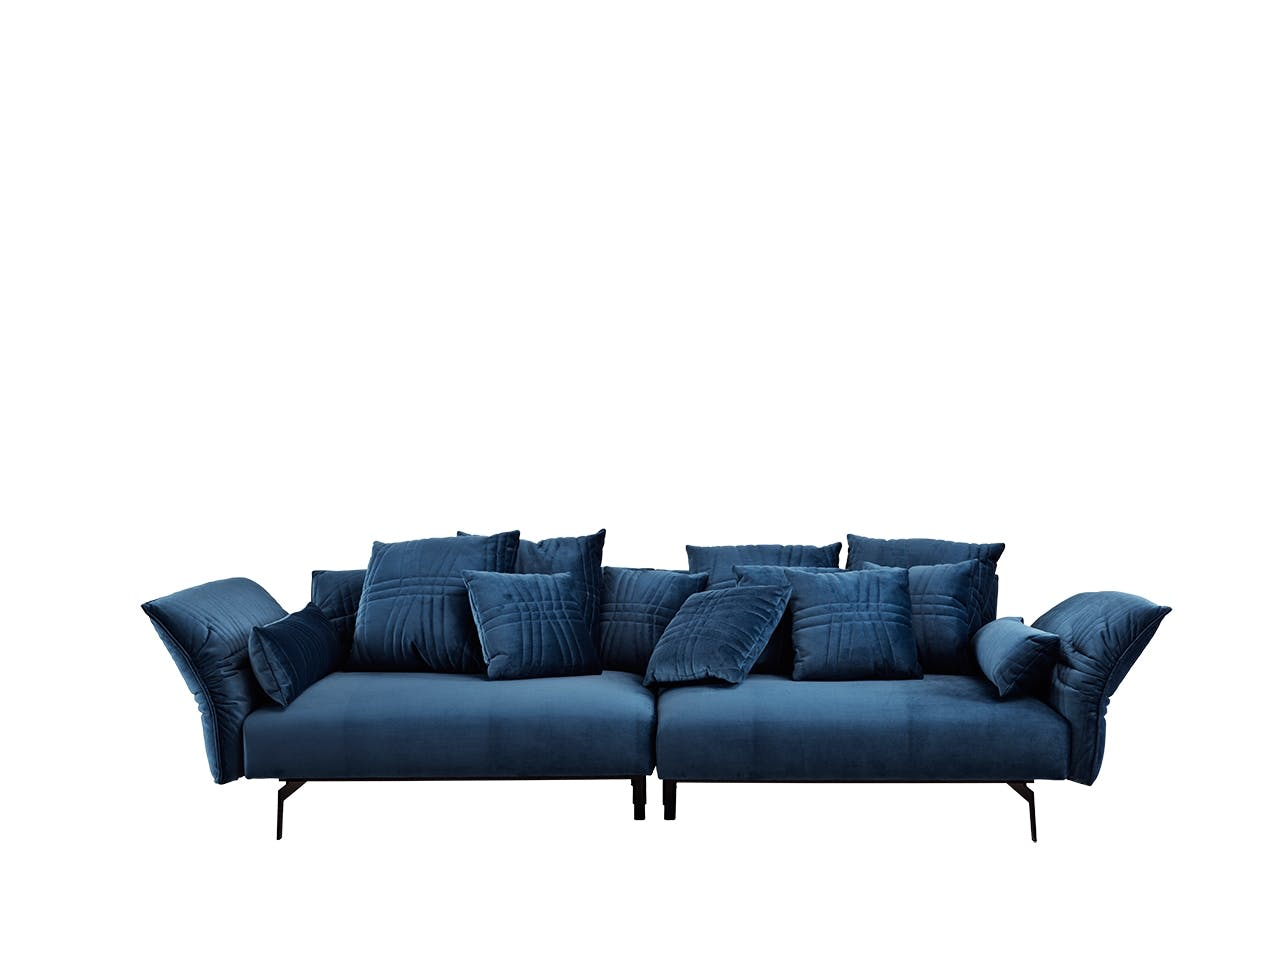 blå sofa Ny sofa? Se det store galleri af sæsonens flotteste sofaer  blå sofa